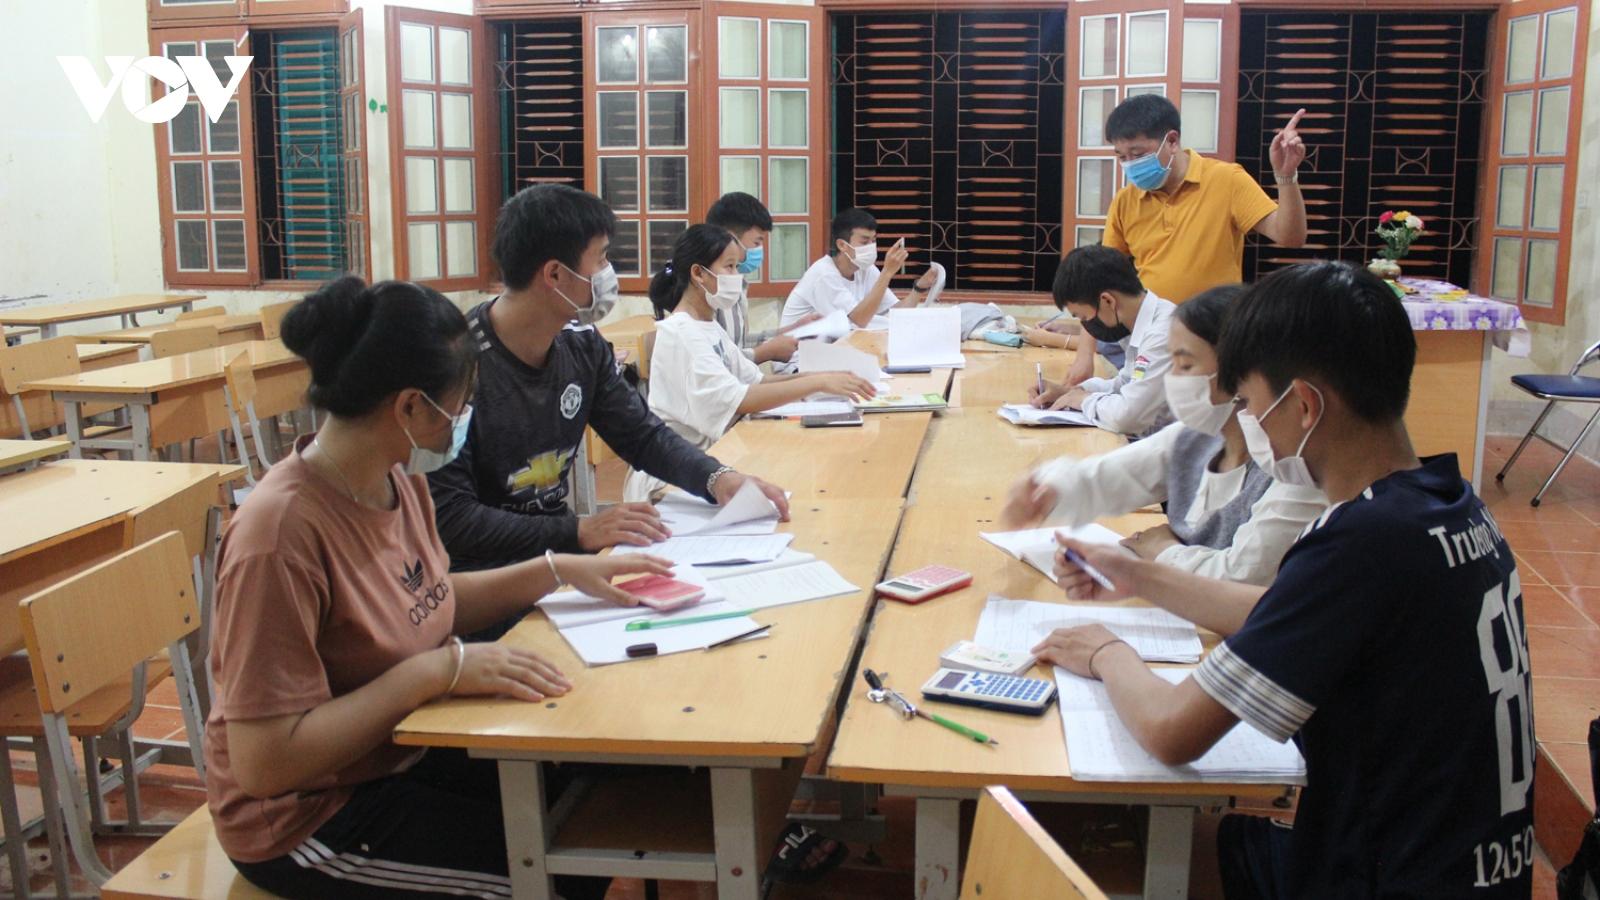 Những lớp ôn thi miễn phí từ tấm lòng của thầy cô vùng cao